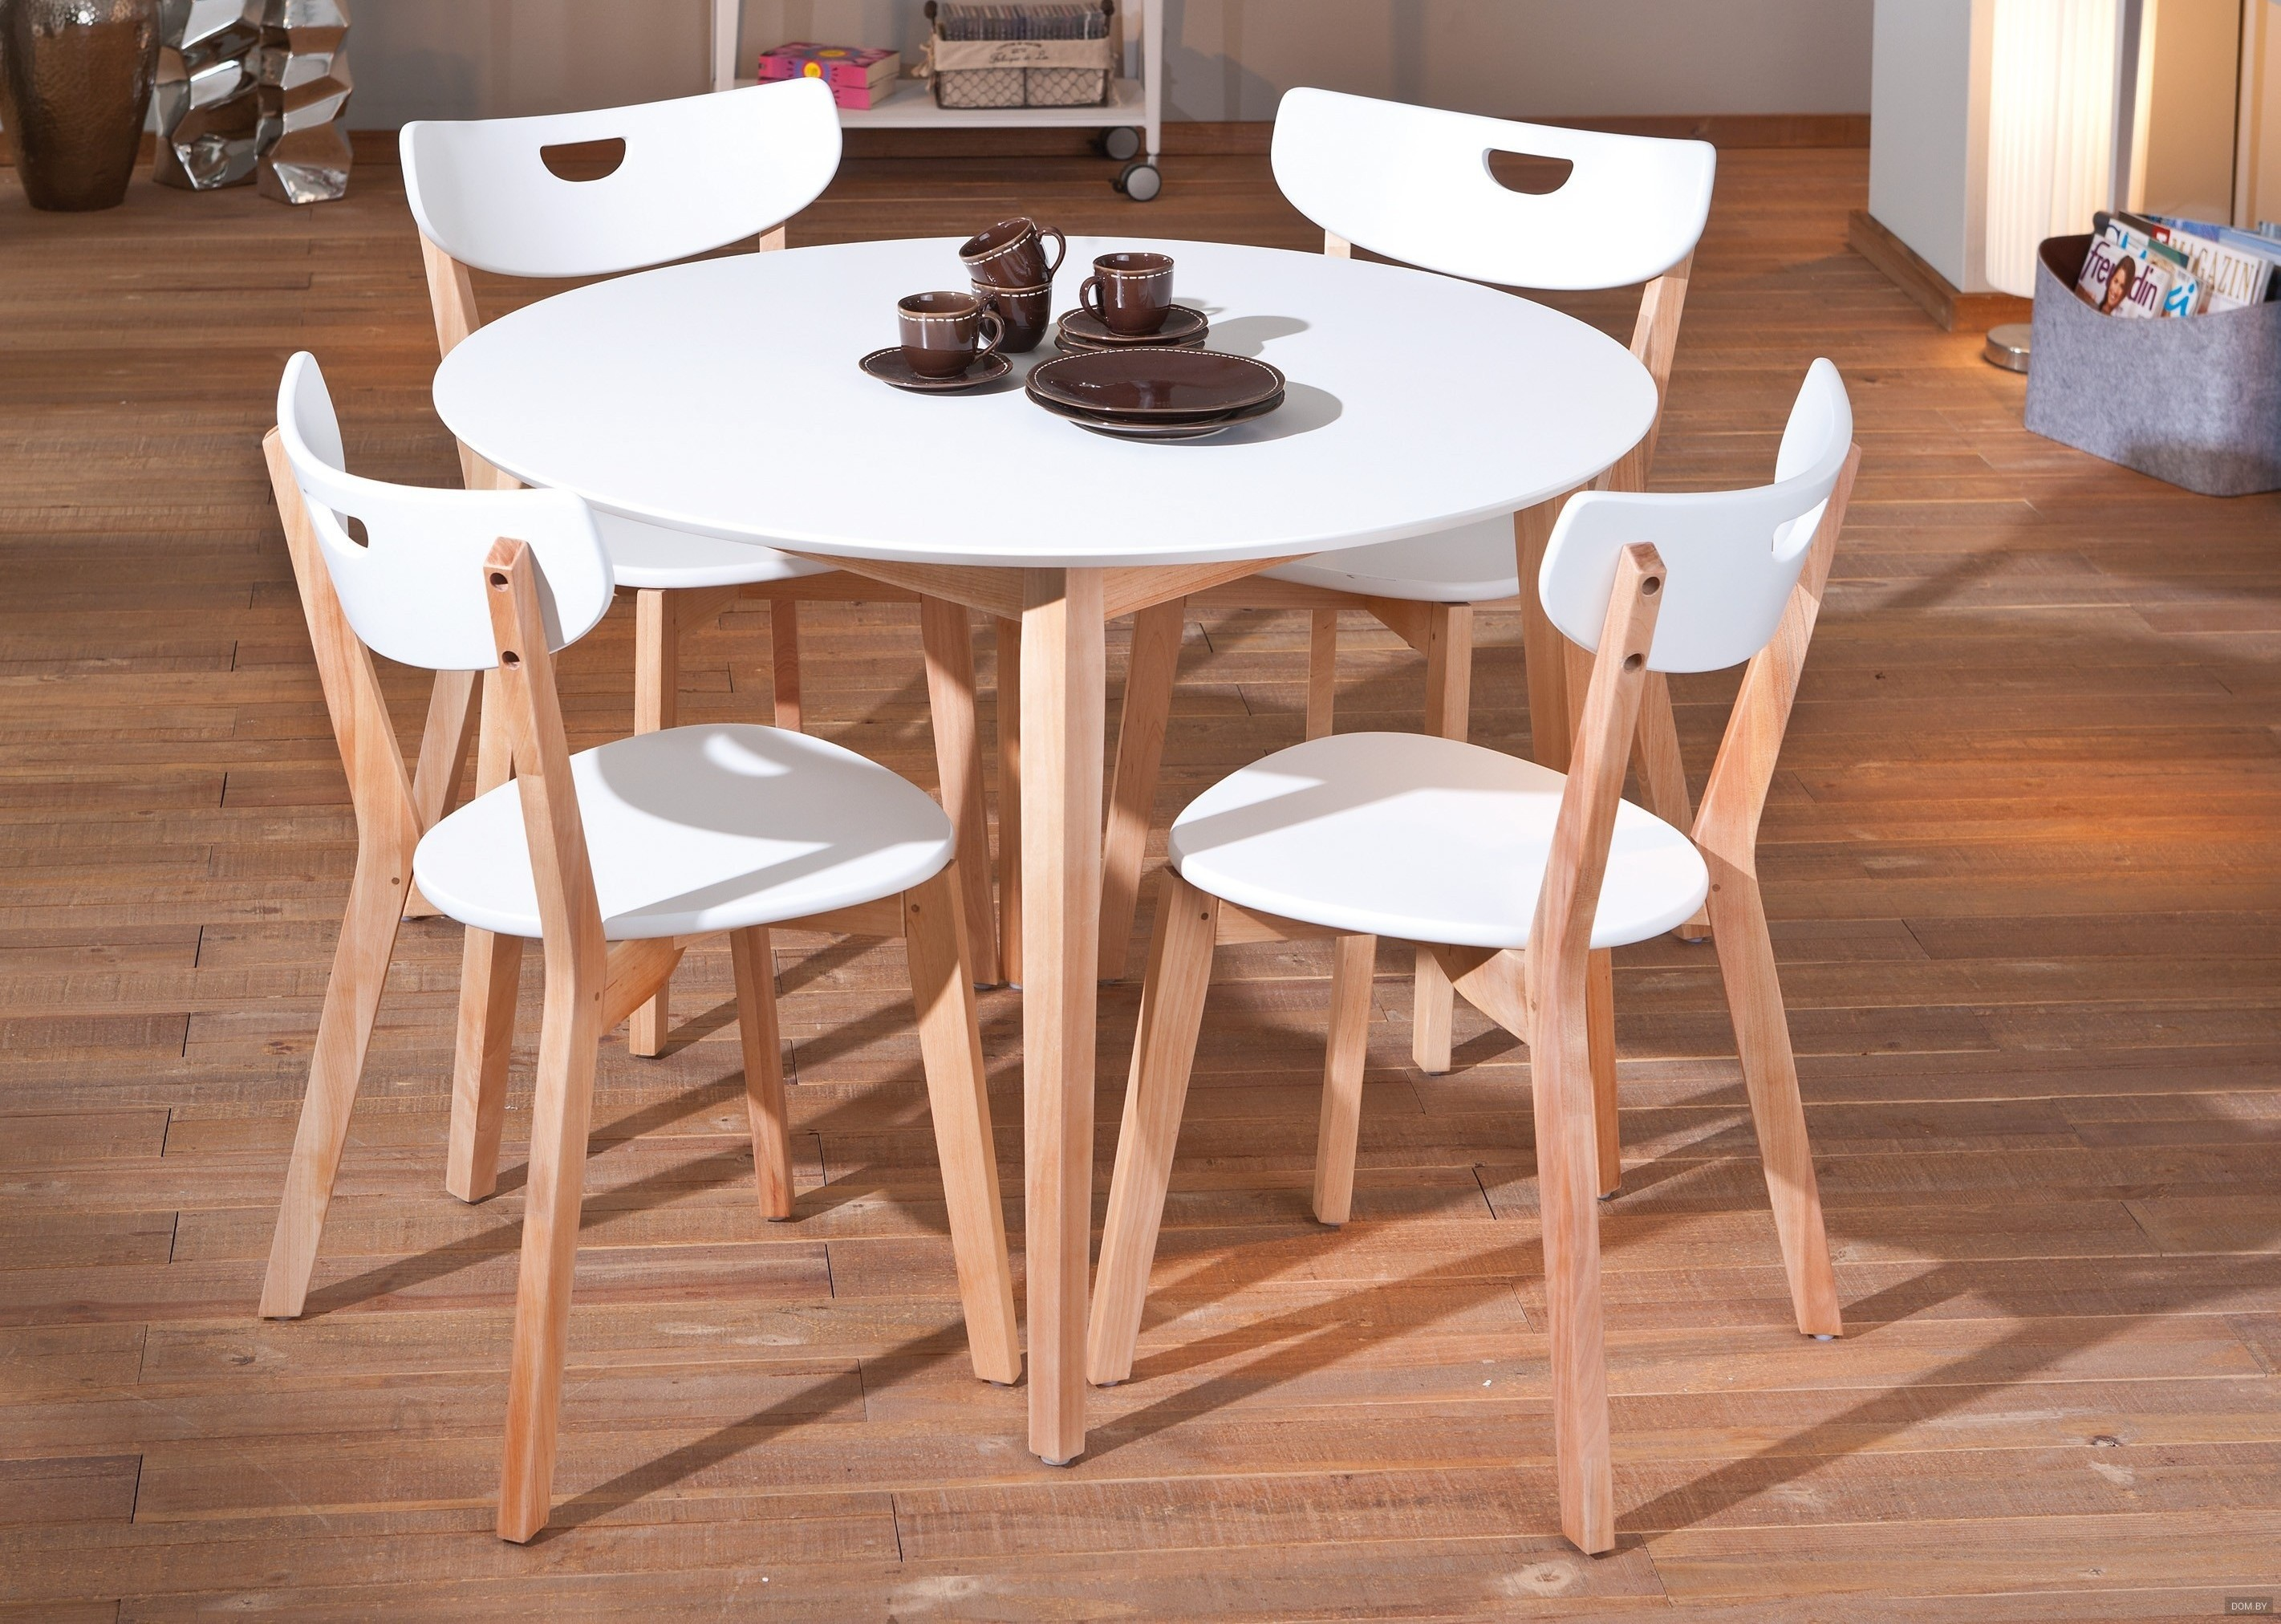 круглые столы от Ikea в интерьере белый стеклянный раздвижной